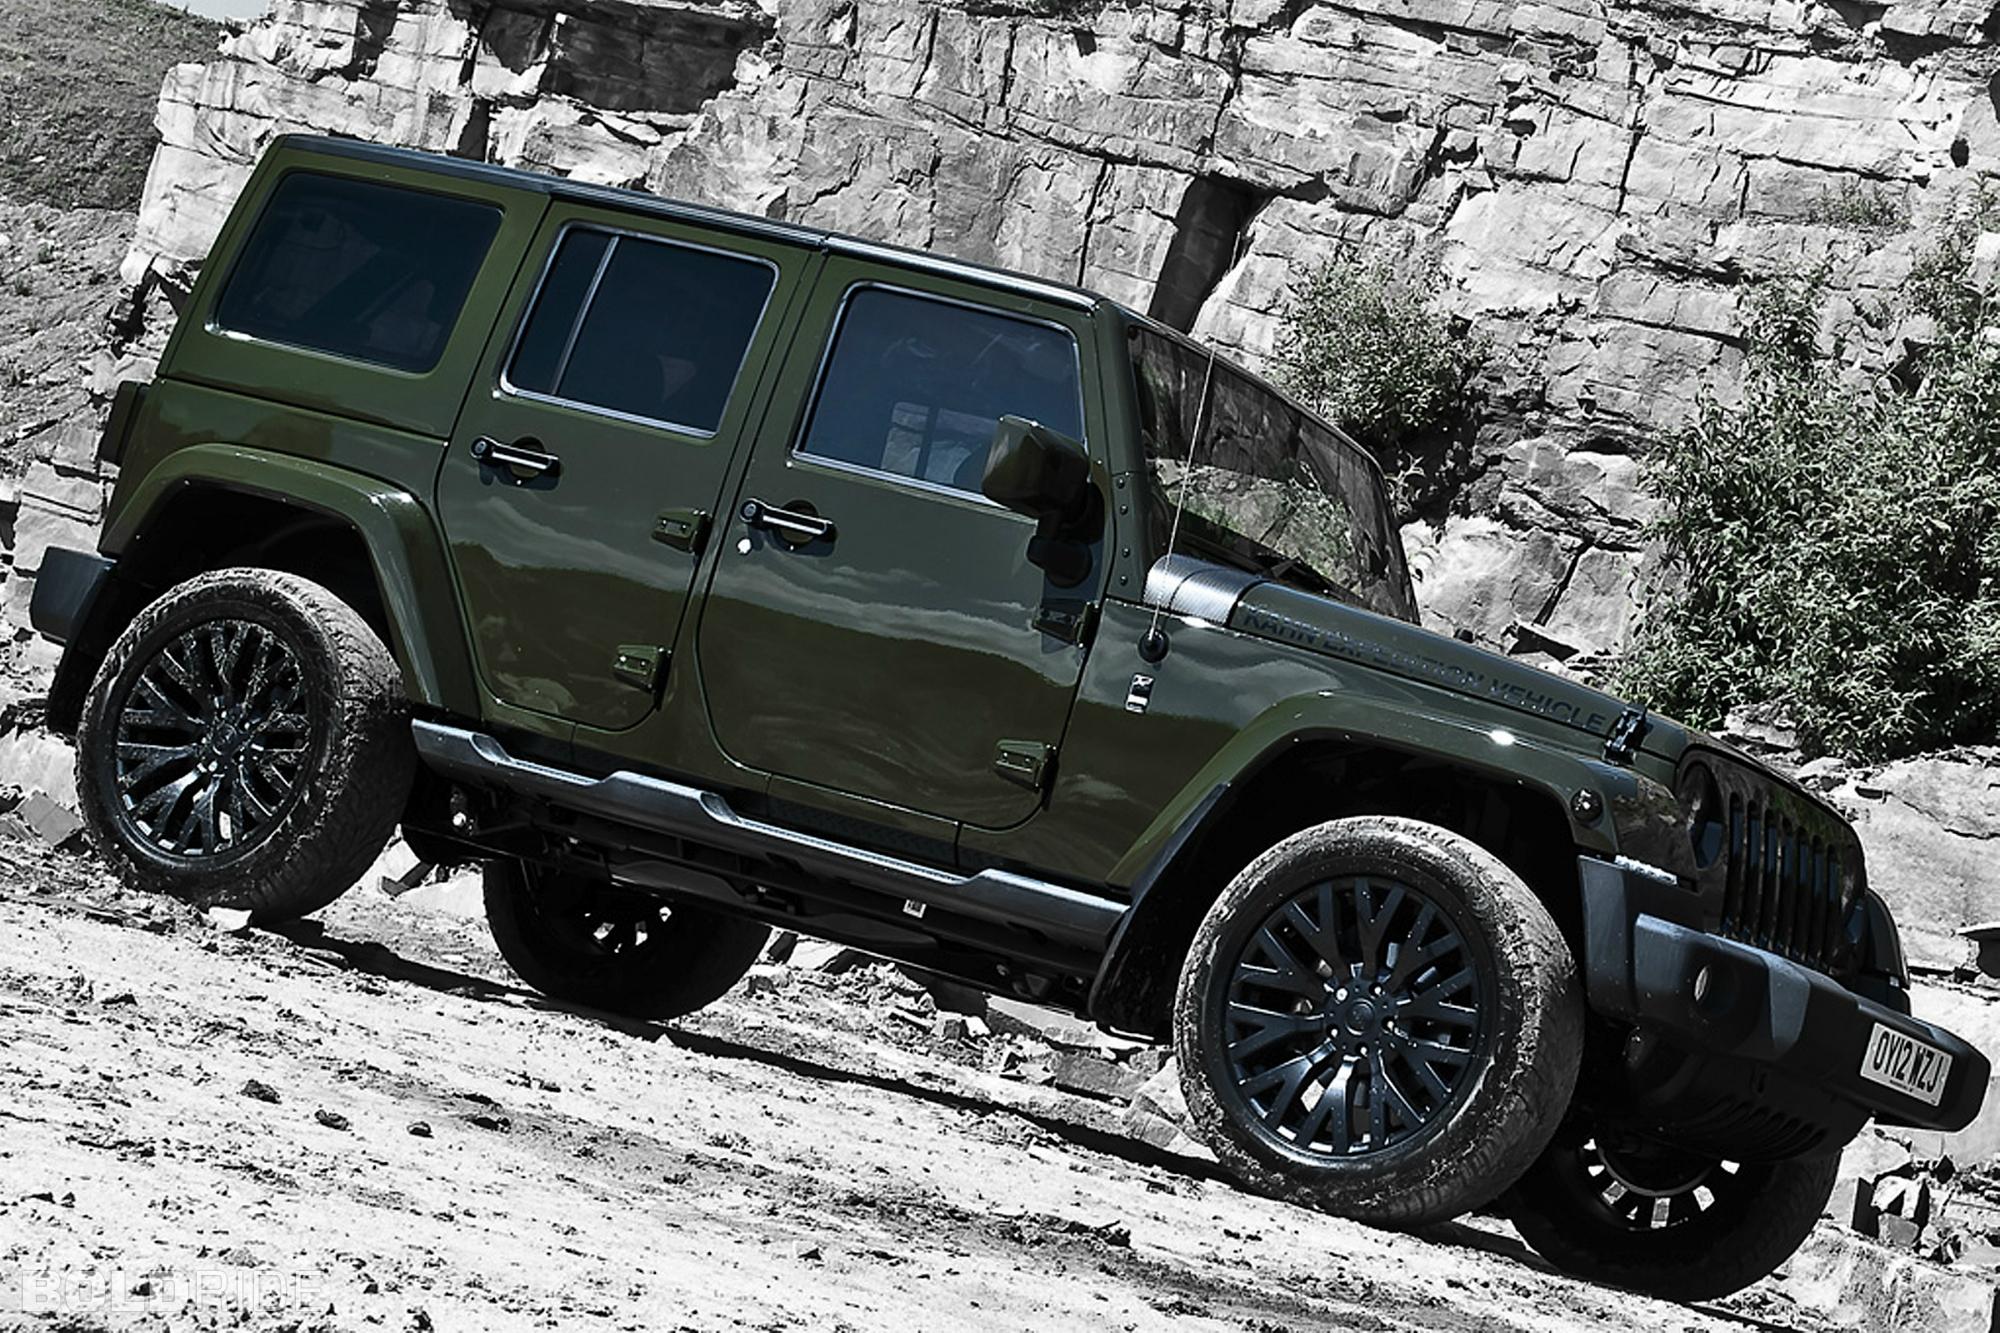 Off Road Jeep Hd Wallpaper >> Jeep Wrangler CJ 300 offroad 4x4 f wallpaper | 2000x1333 | 79733 | WallpaperUP